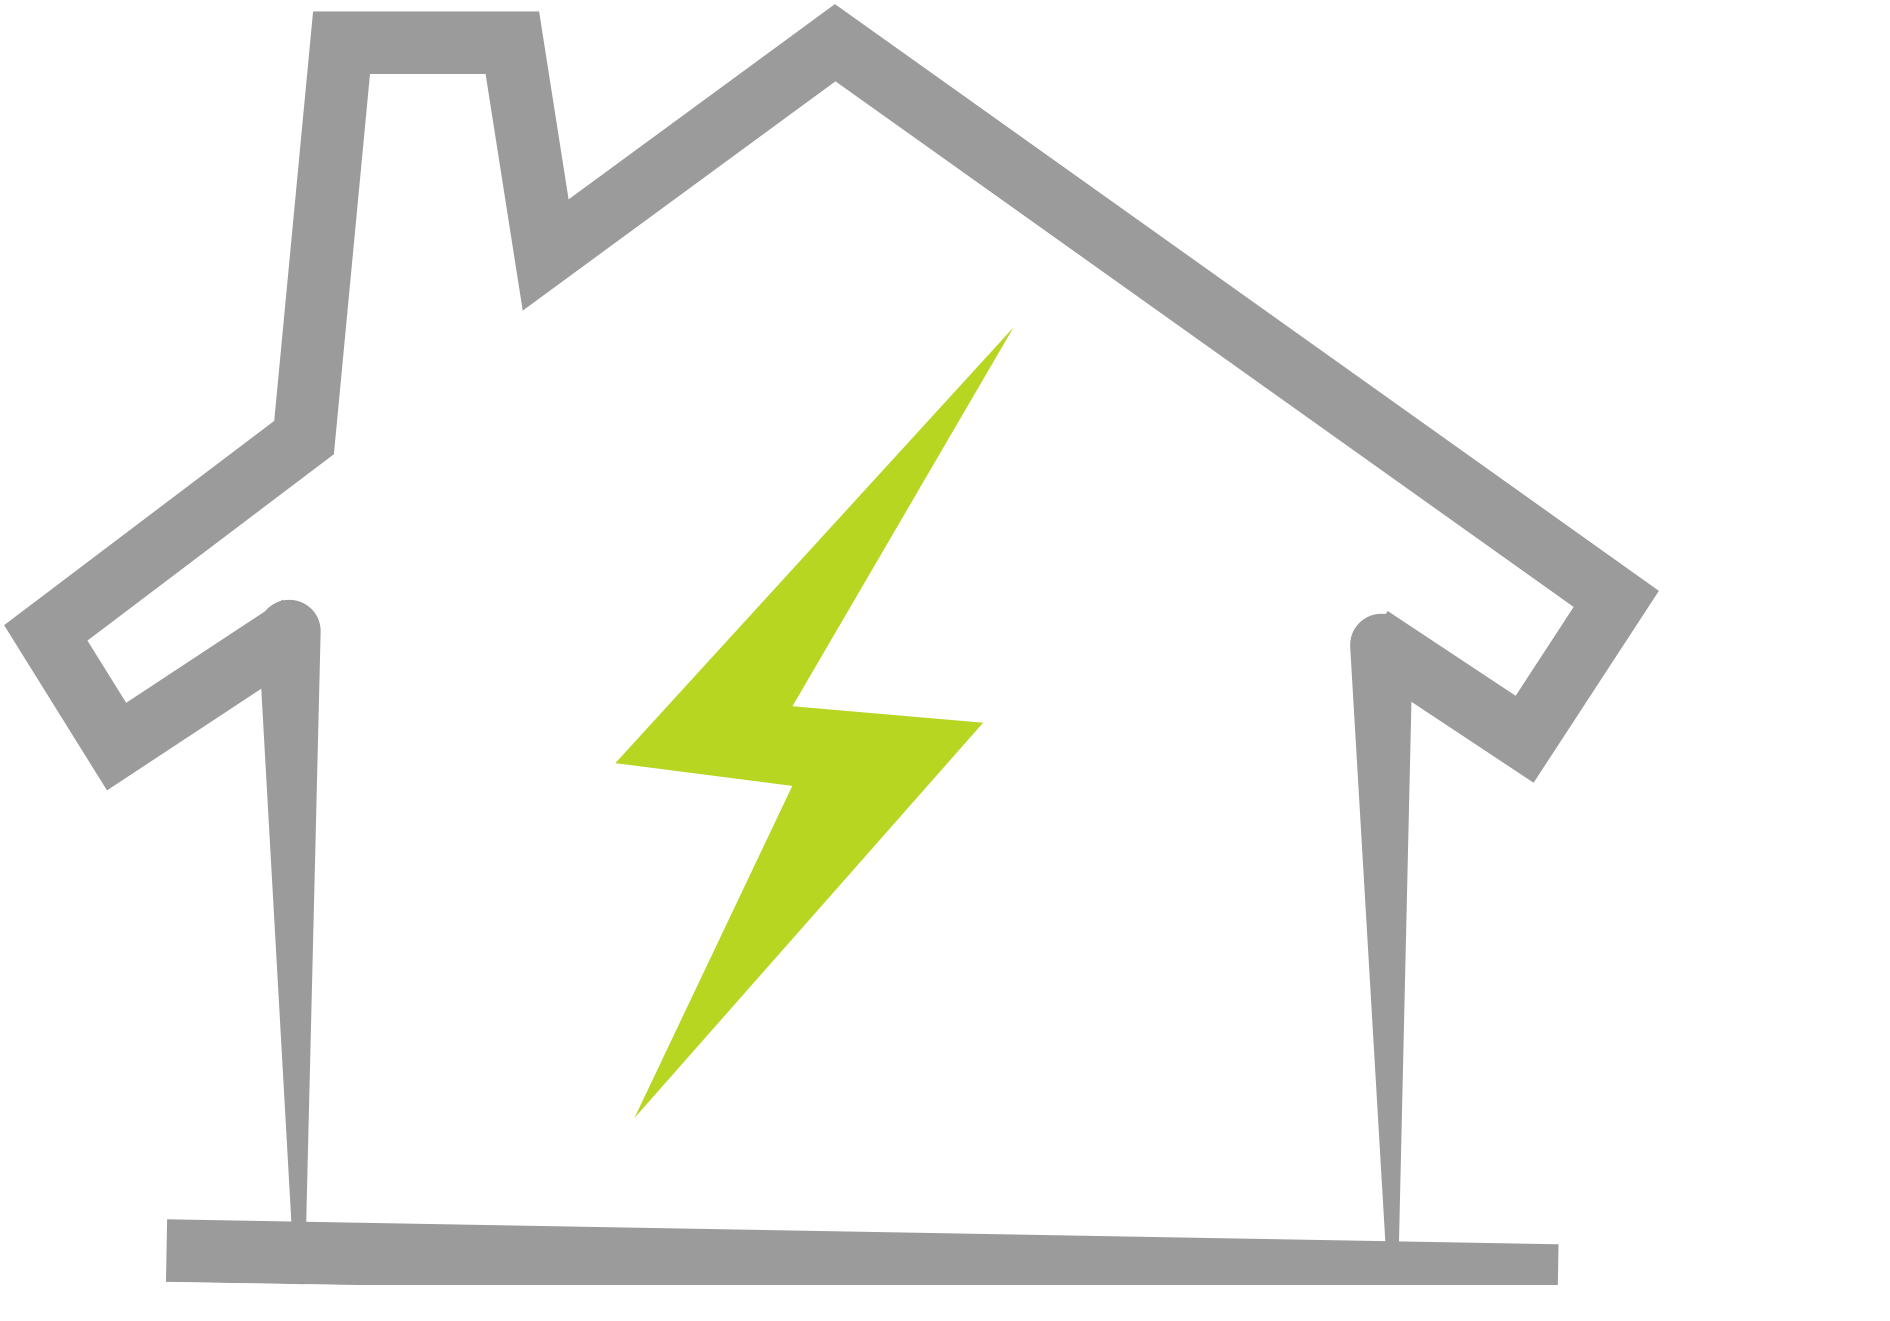 compteurs lectriques intelligents - Electricite Dans Une Maison